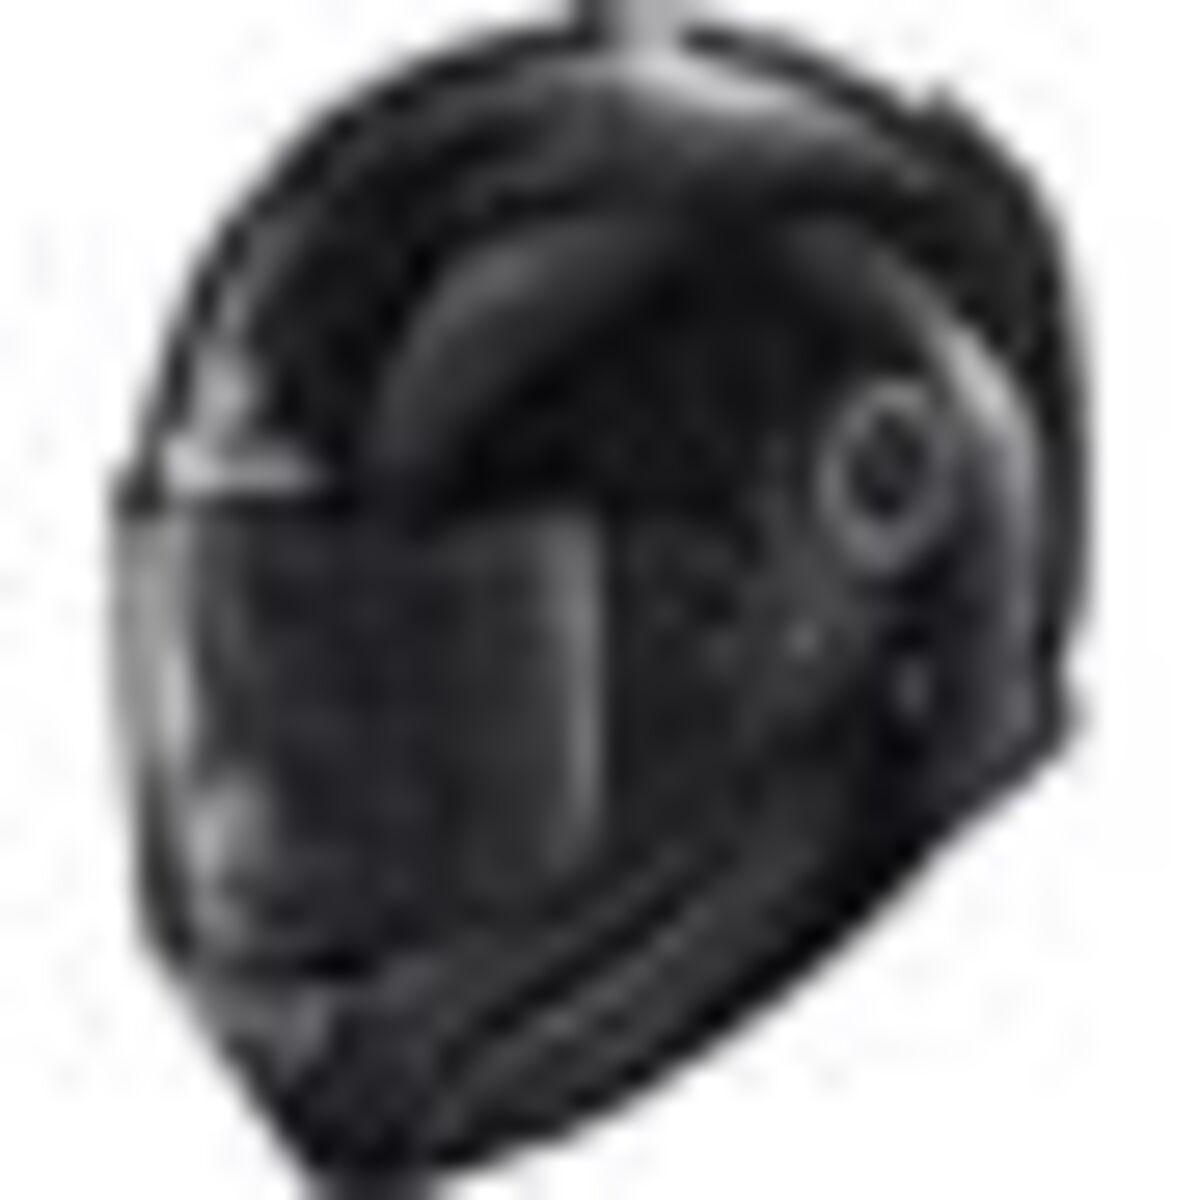 Bild 2 von Shark helmets            Spartan Rughed Mat Yellow